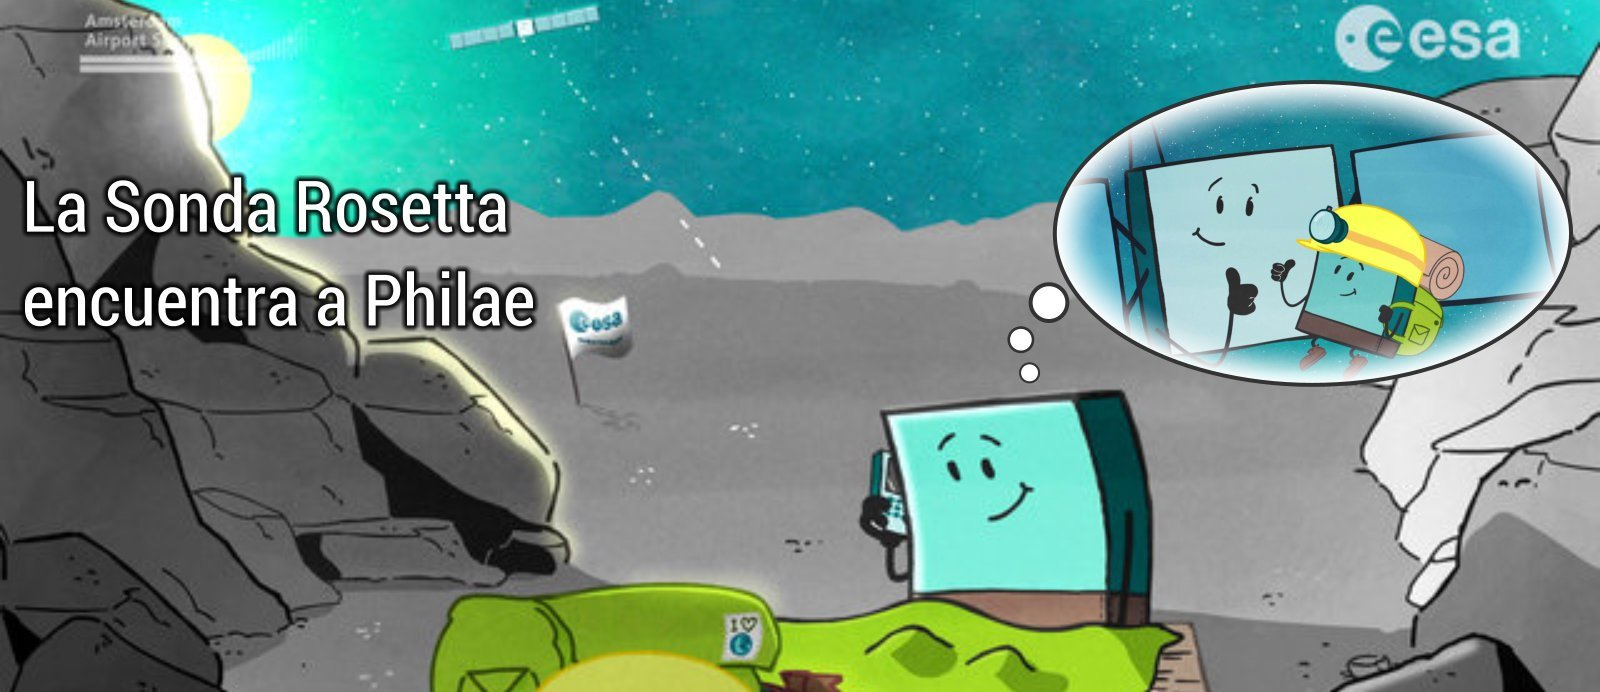 RosettaPhilae